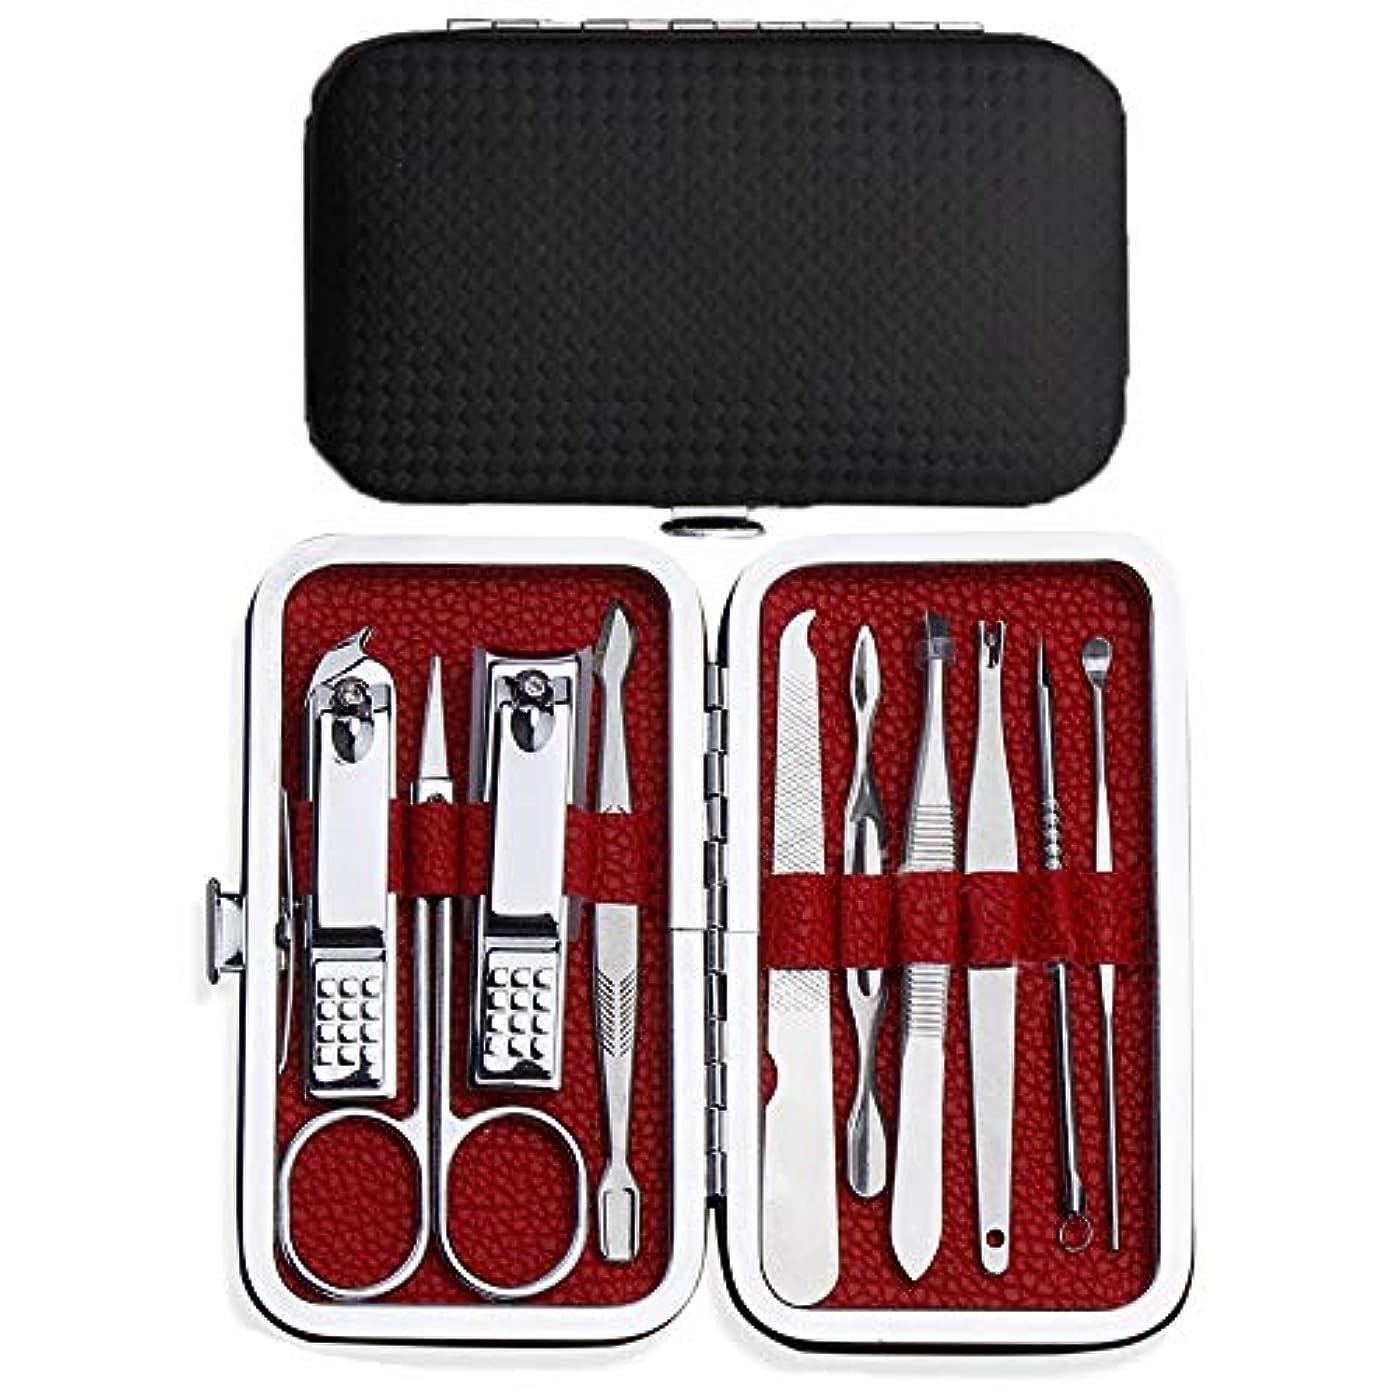 製造業周術期従順な天健ネイル ケア 10点 セット 爪切り グルーミング キット 携帯便利 な 専用ケース (ブラウン)